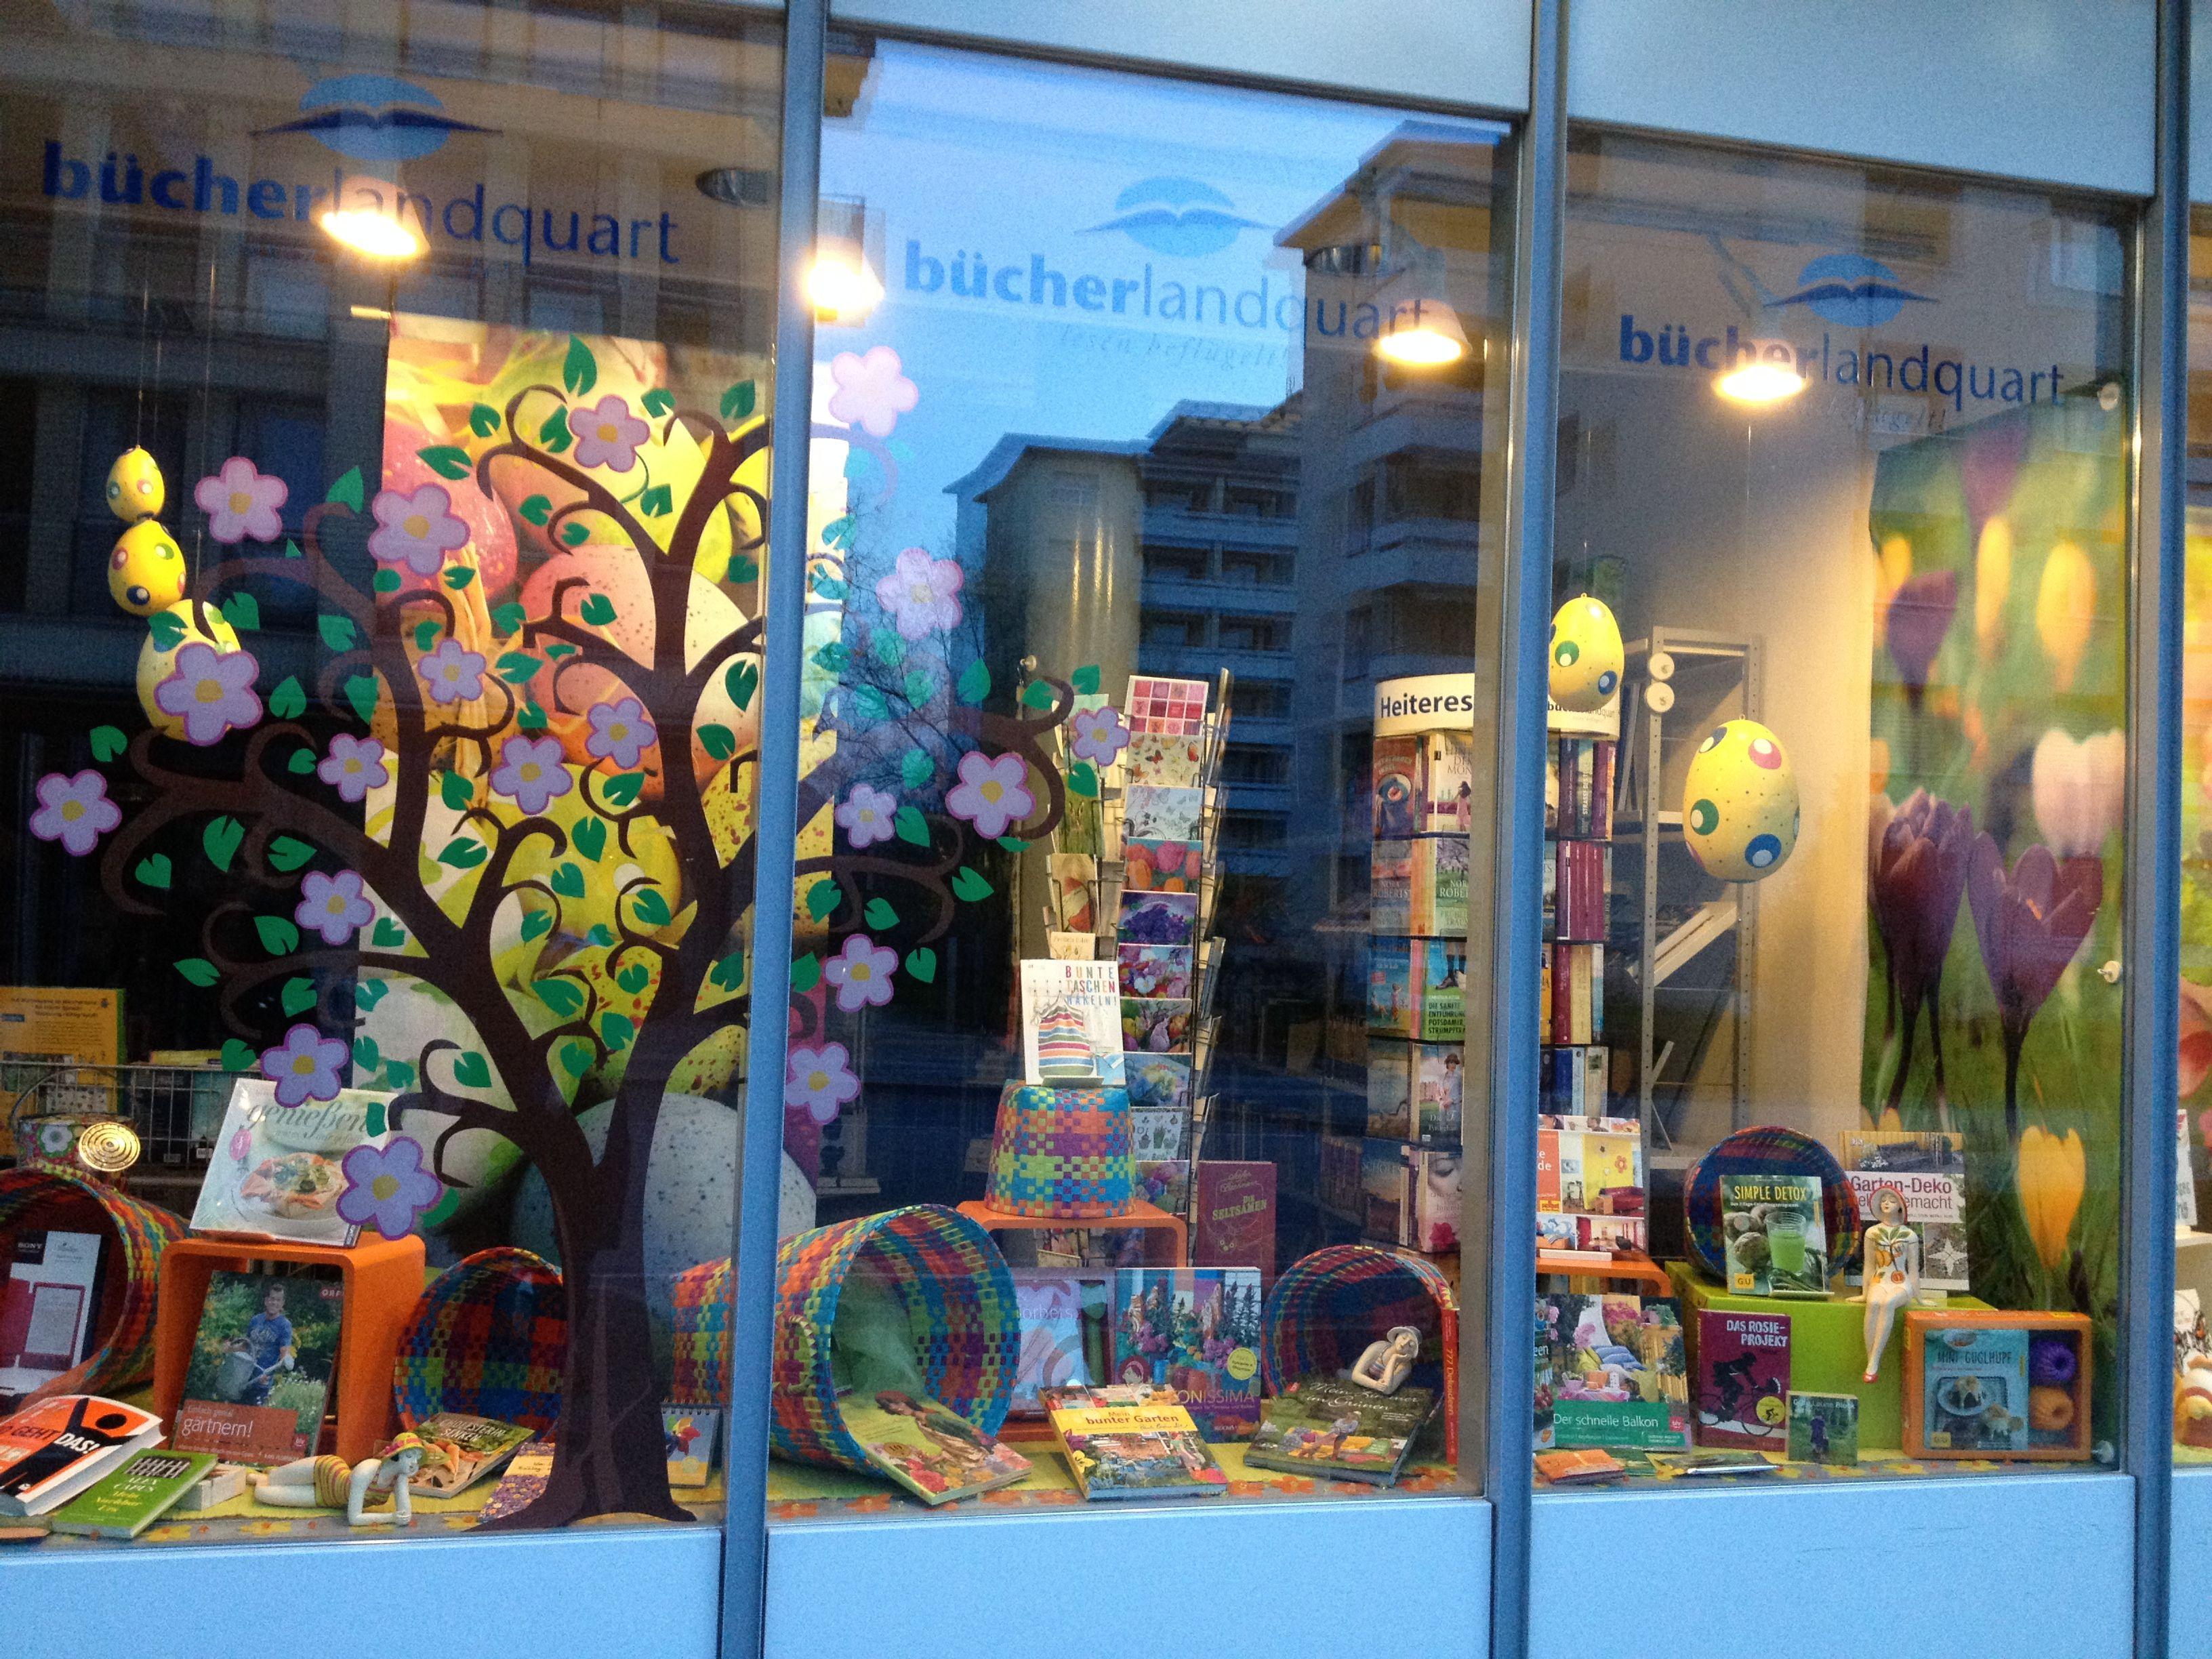 Frühlingsthema, Bücherlandquart